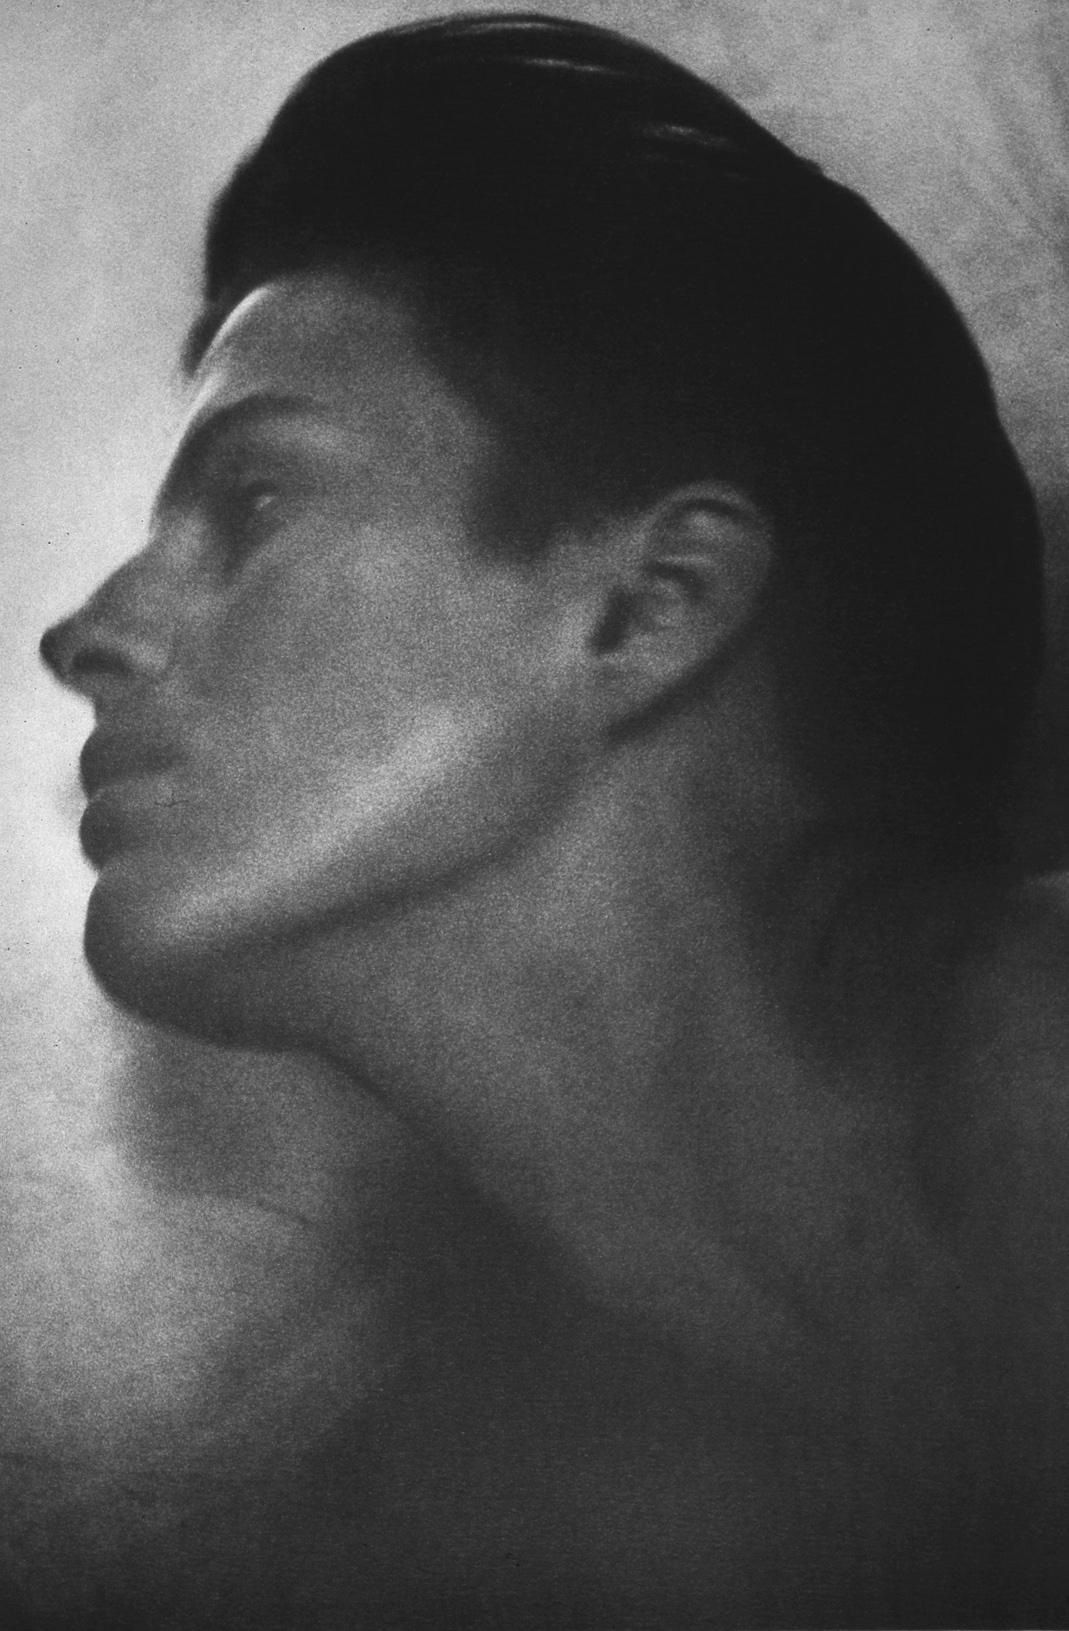 1989-Nude-JosieSM897B